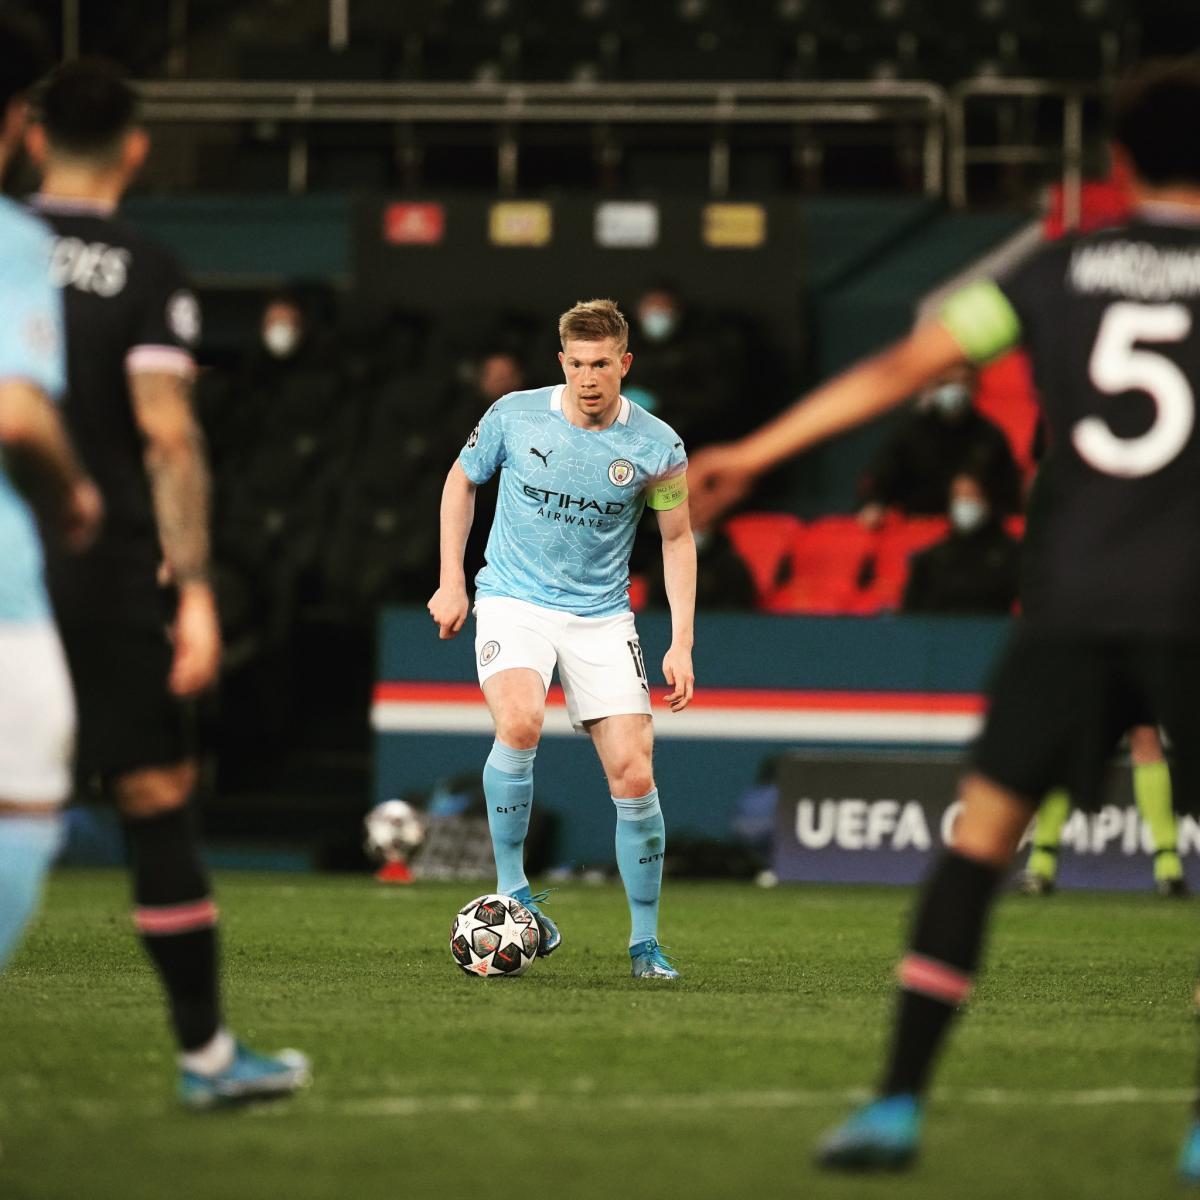 Kevin de Bruyne con el balón en los pies / Foto: Manchester City